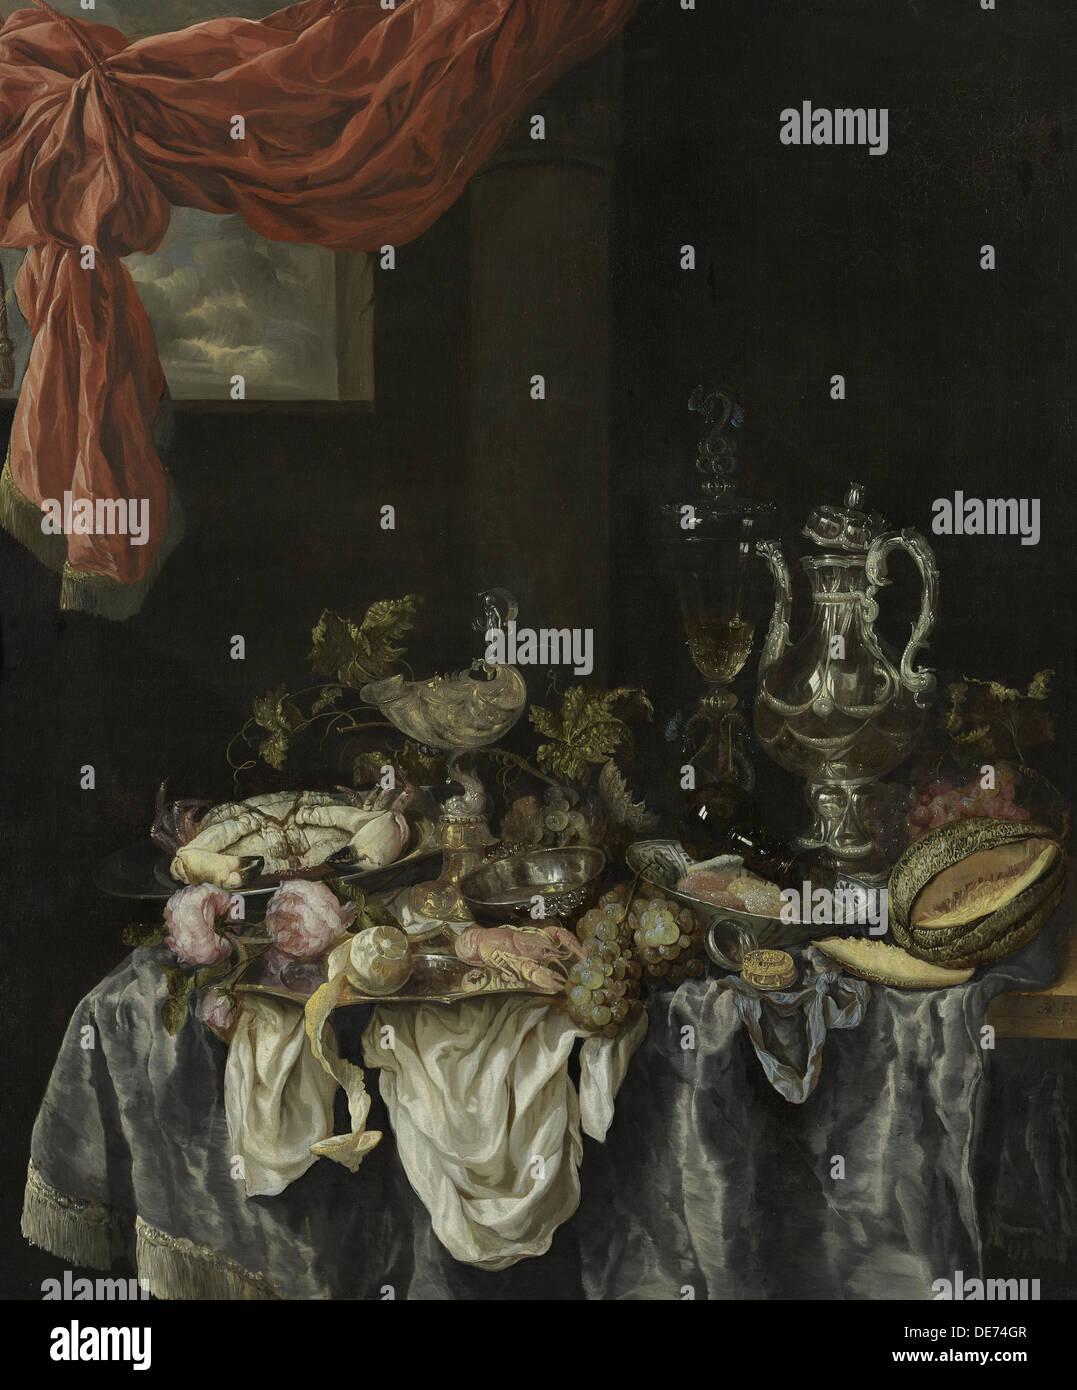 Sontuosa vita ancora, 1654. Artista: Beijeren, Abraham Hendricksz, van (1620/21-1690) Immagini Stock